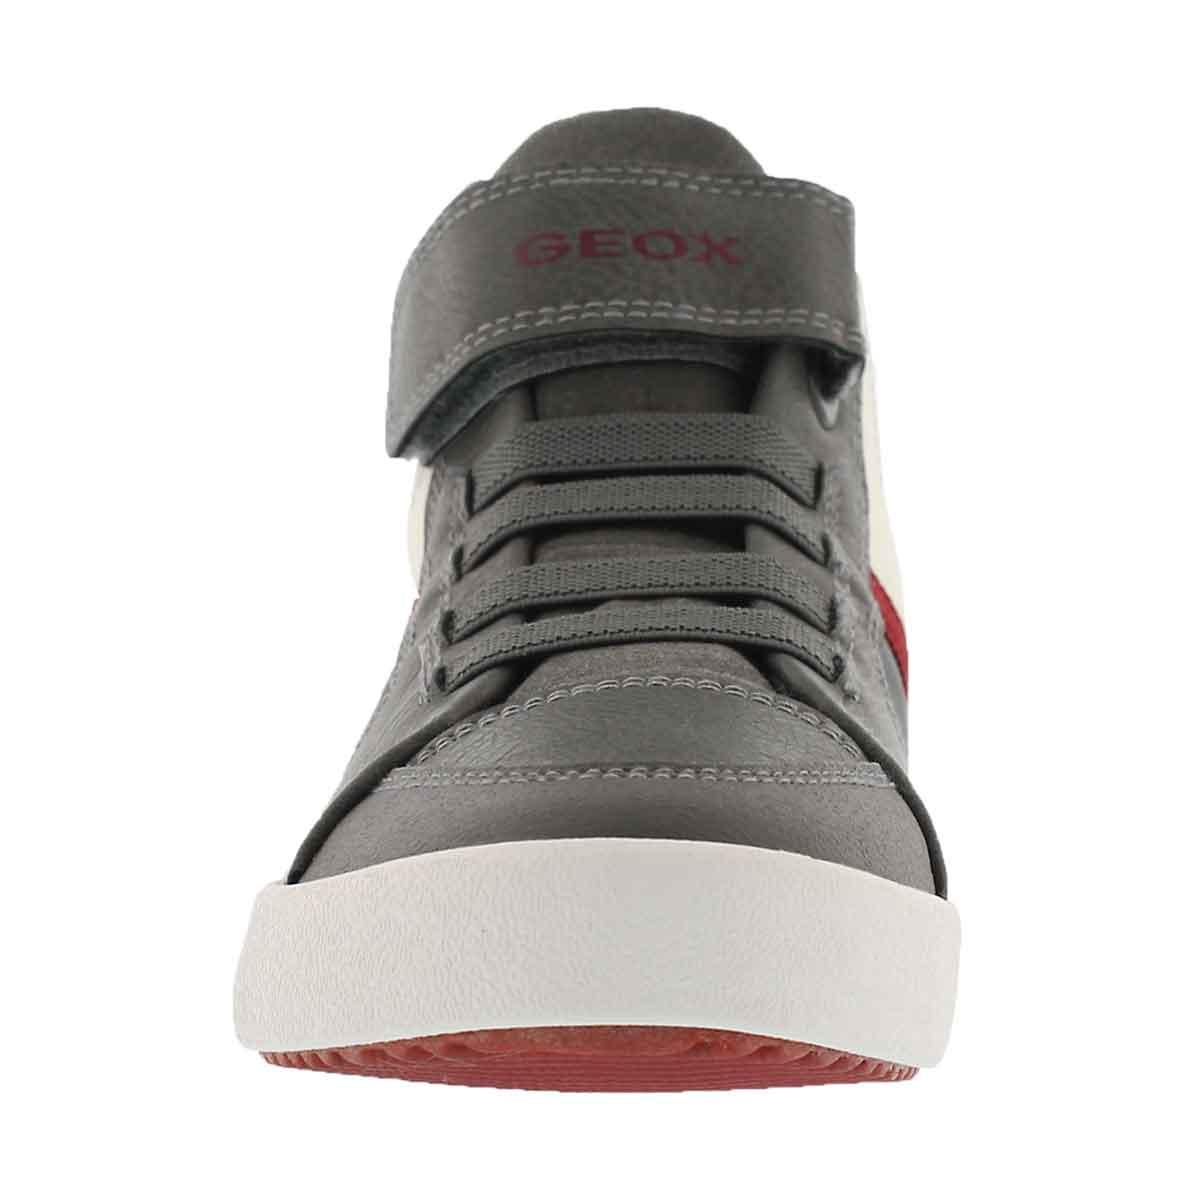 Bys J Gisli Hi anthracite sneaker